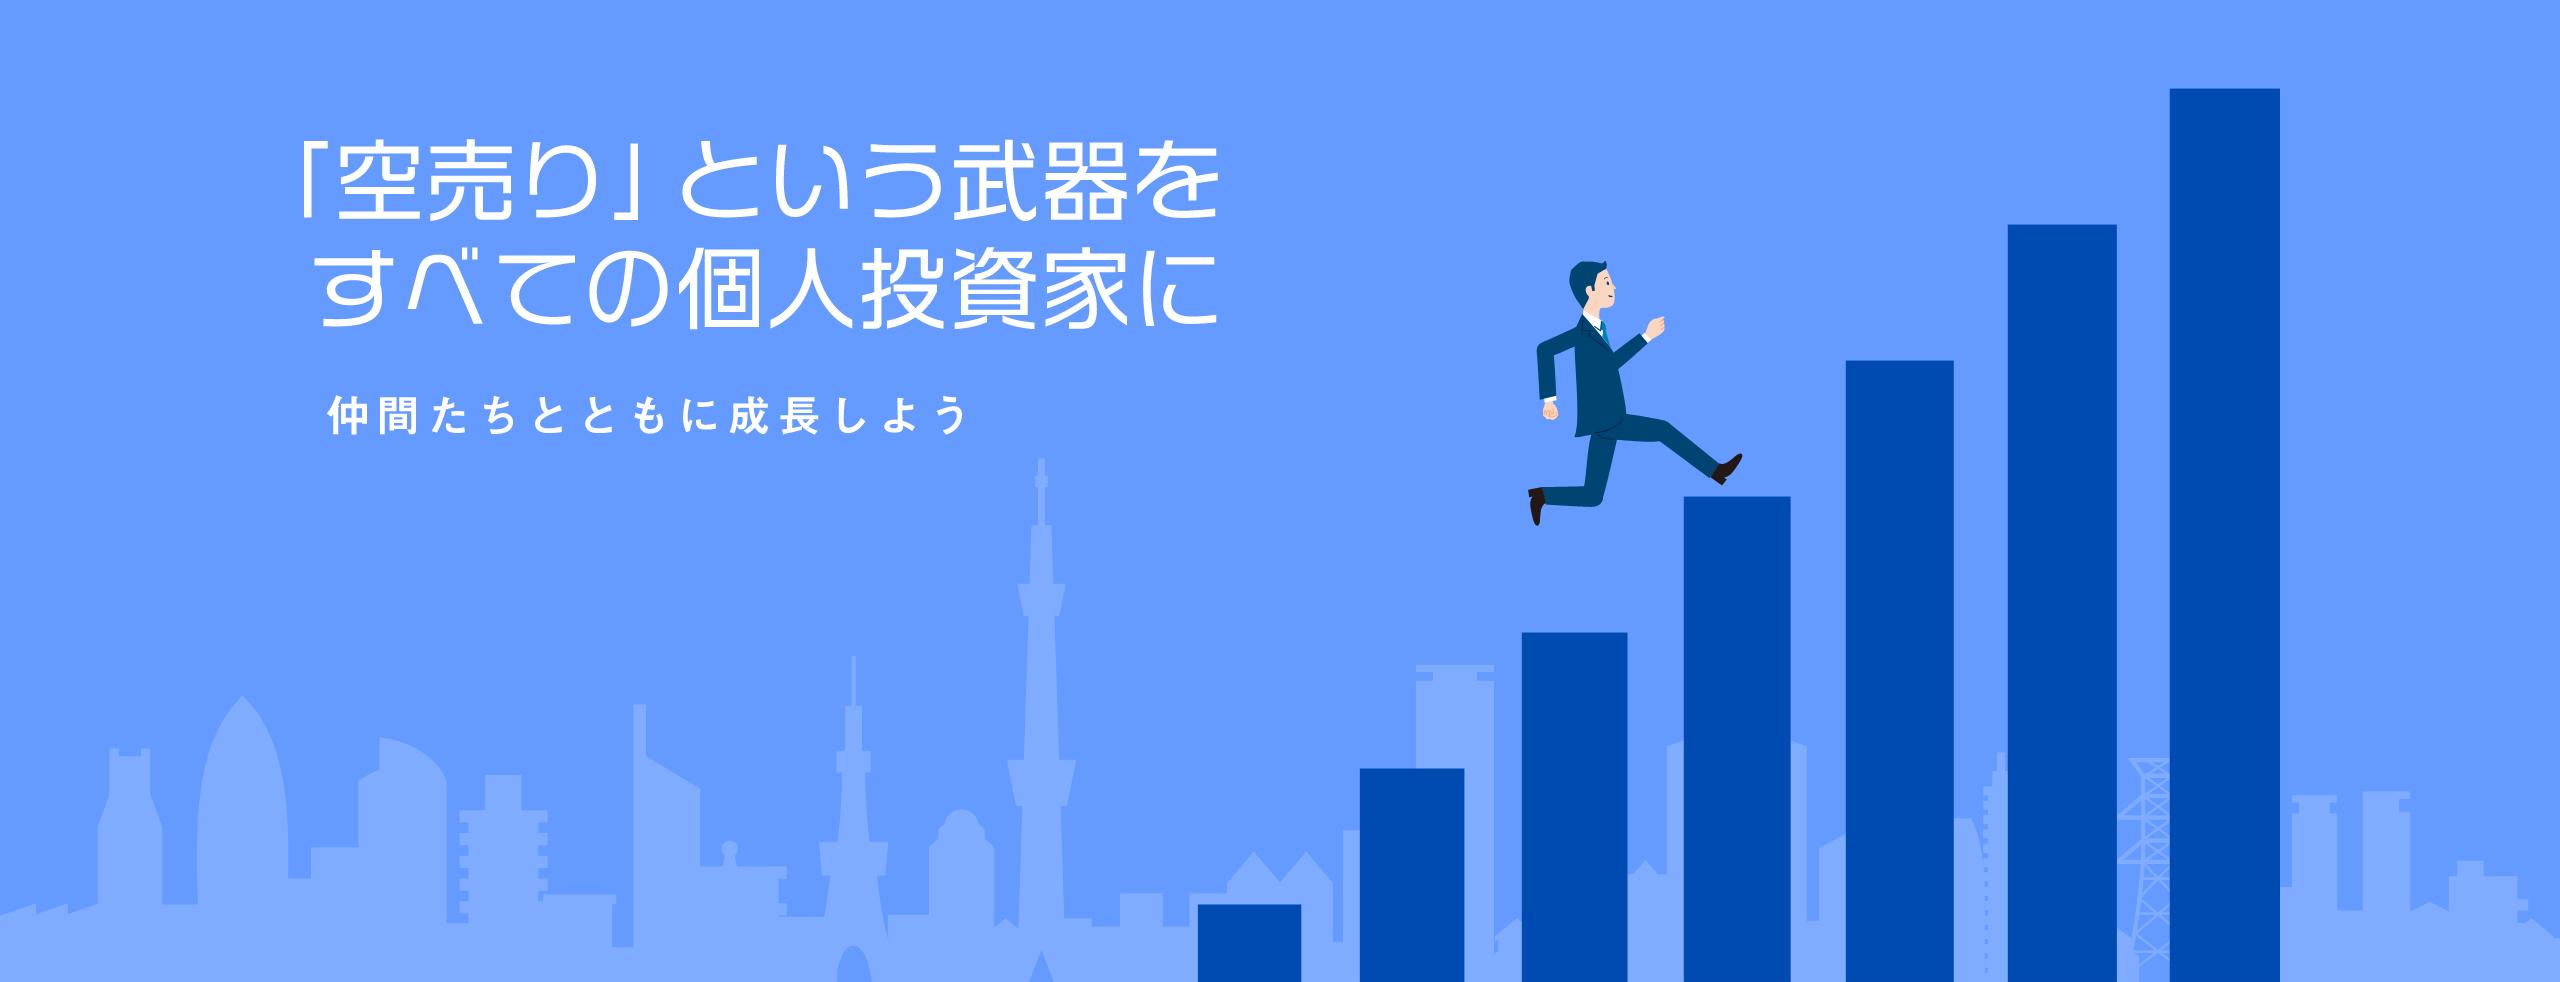 空売りオンライン・プラットフォーム 空売りLAB